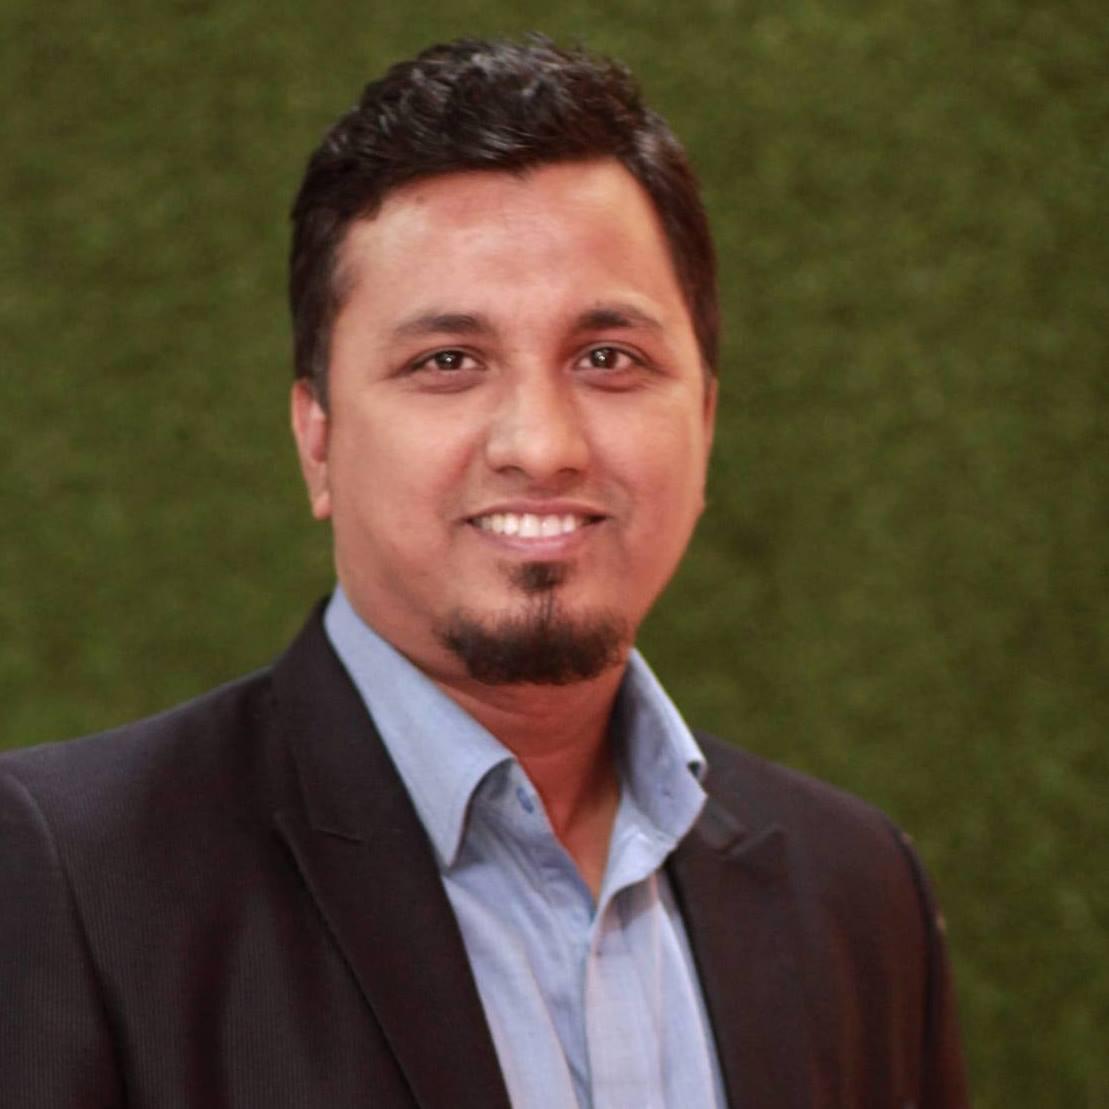 Meftahul Amin